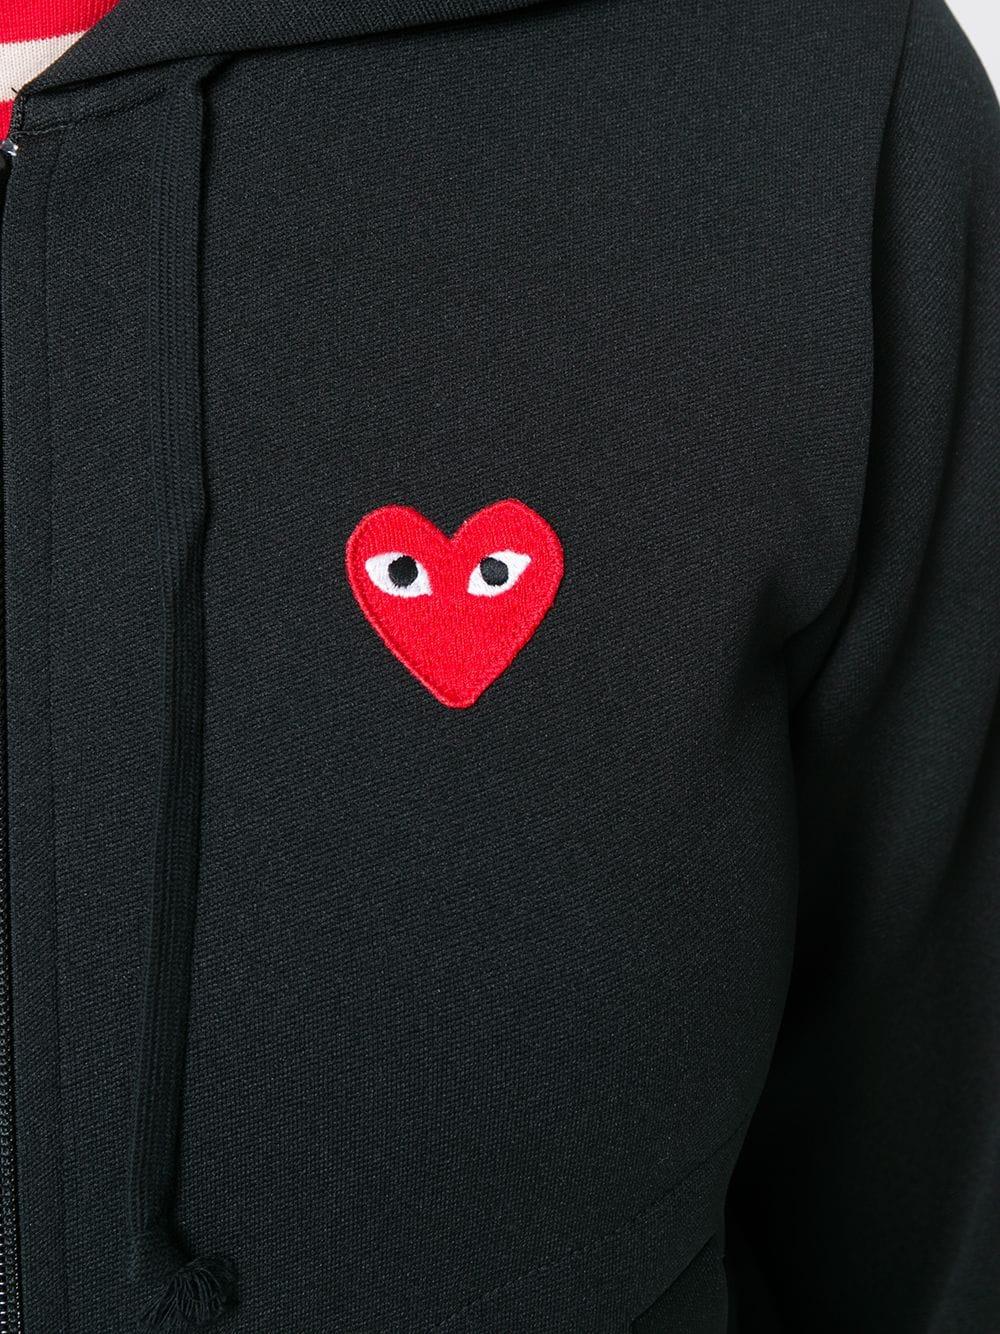 PLAY COMME DES GARCONS | Sweatshirt | P1T1711